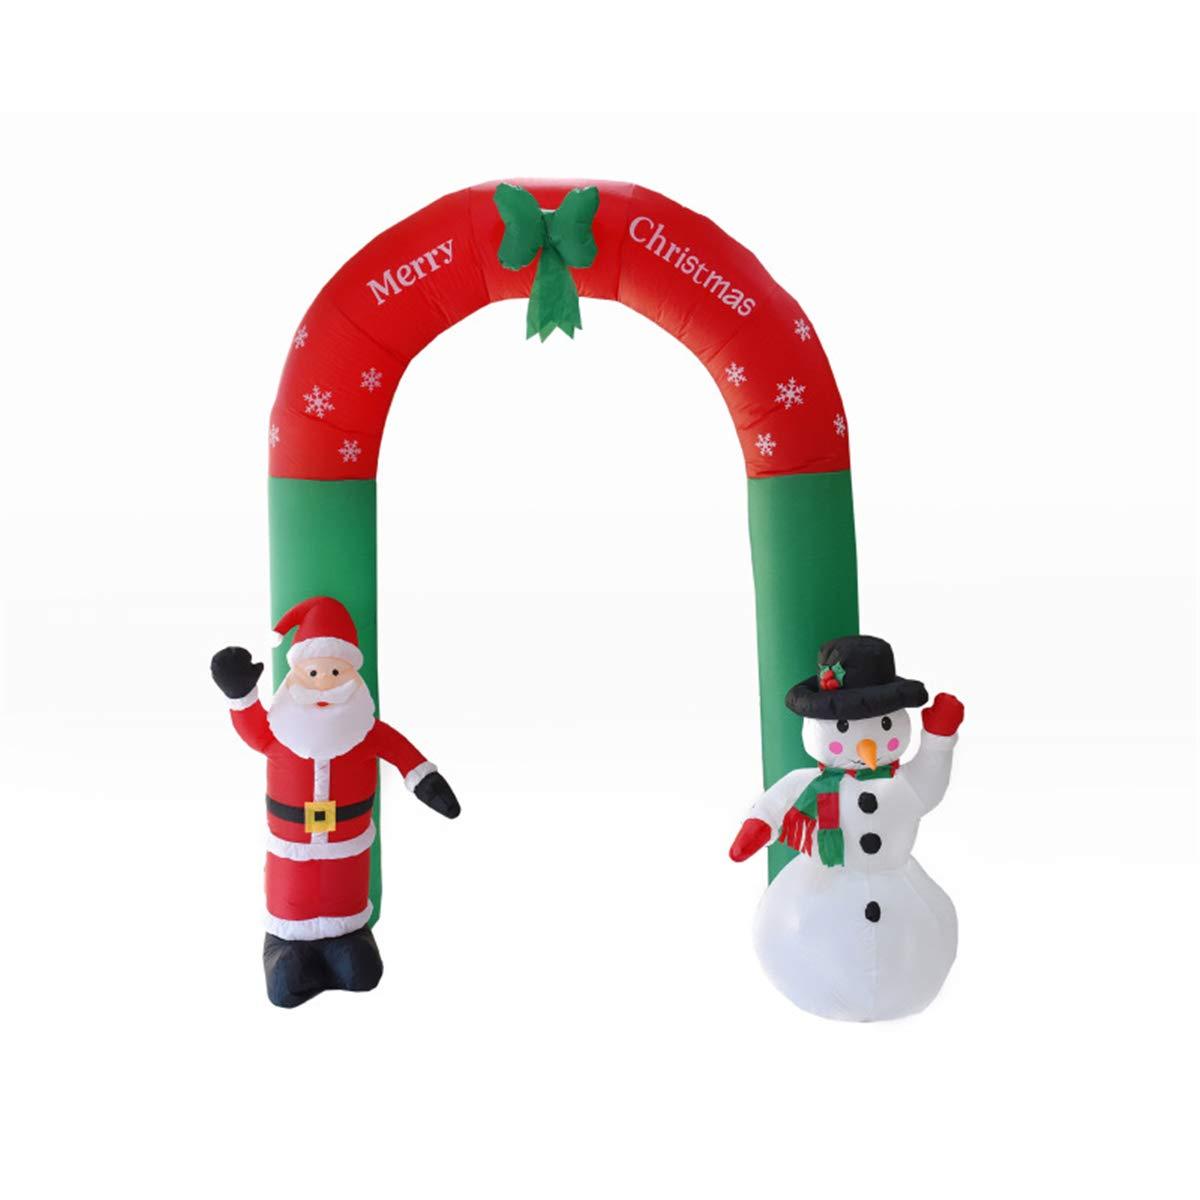 DUOLUO 2.4メートルインフレータブルクリスマスアーチサンタスノーマン屋内屋外の装飾装飾   B07NPHXGCL